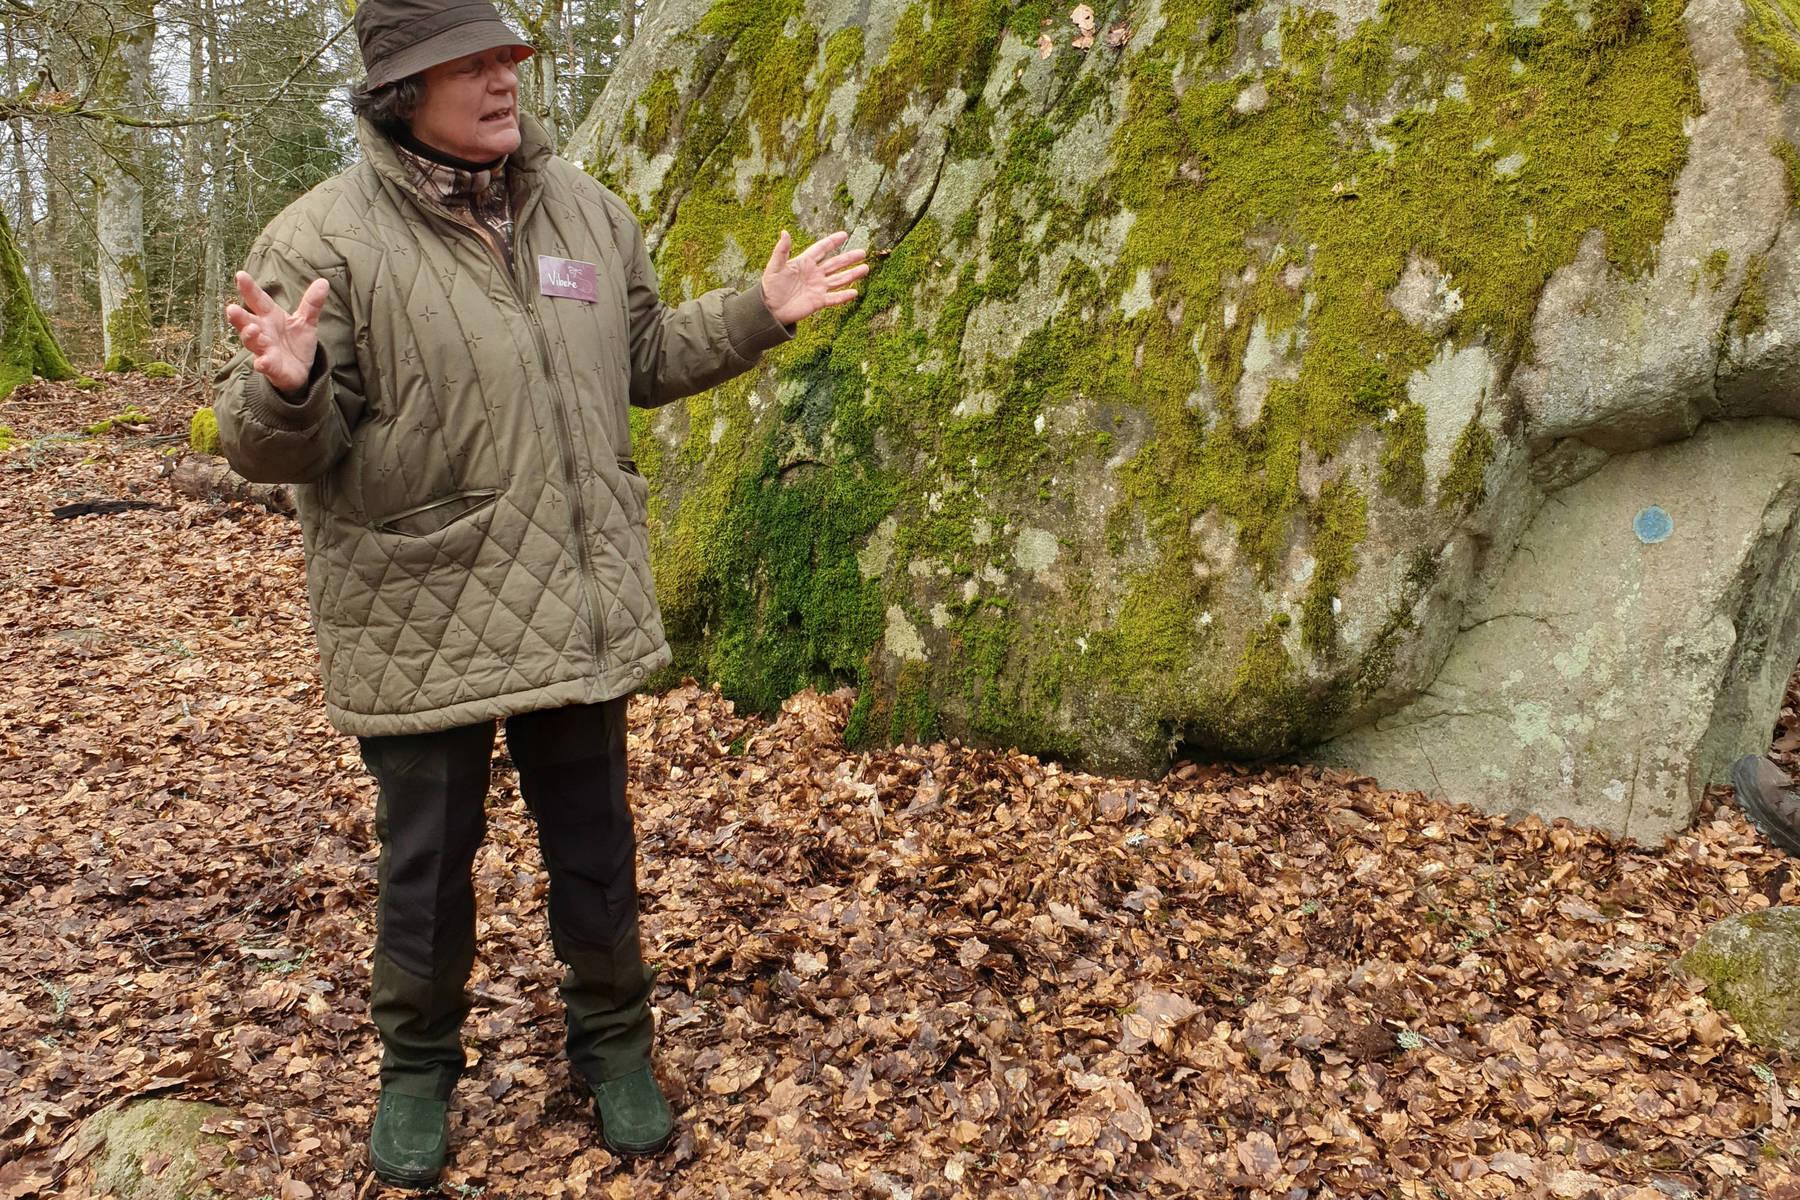 Vibeke erbjuder berättarvandringar i nationalparken